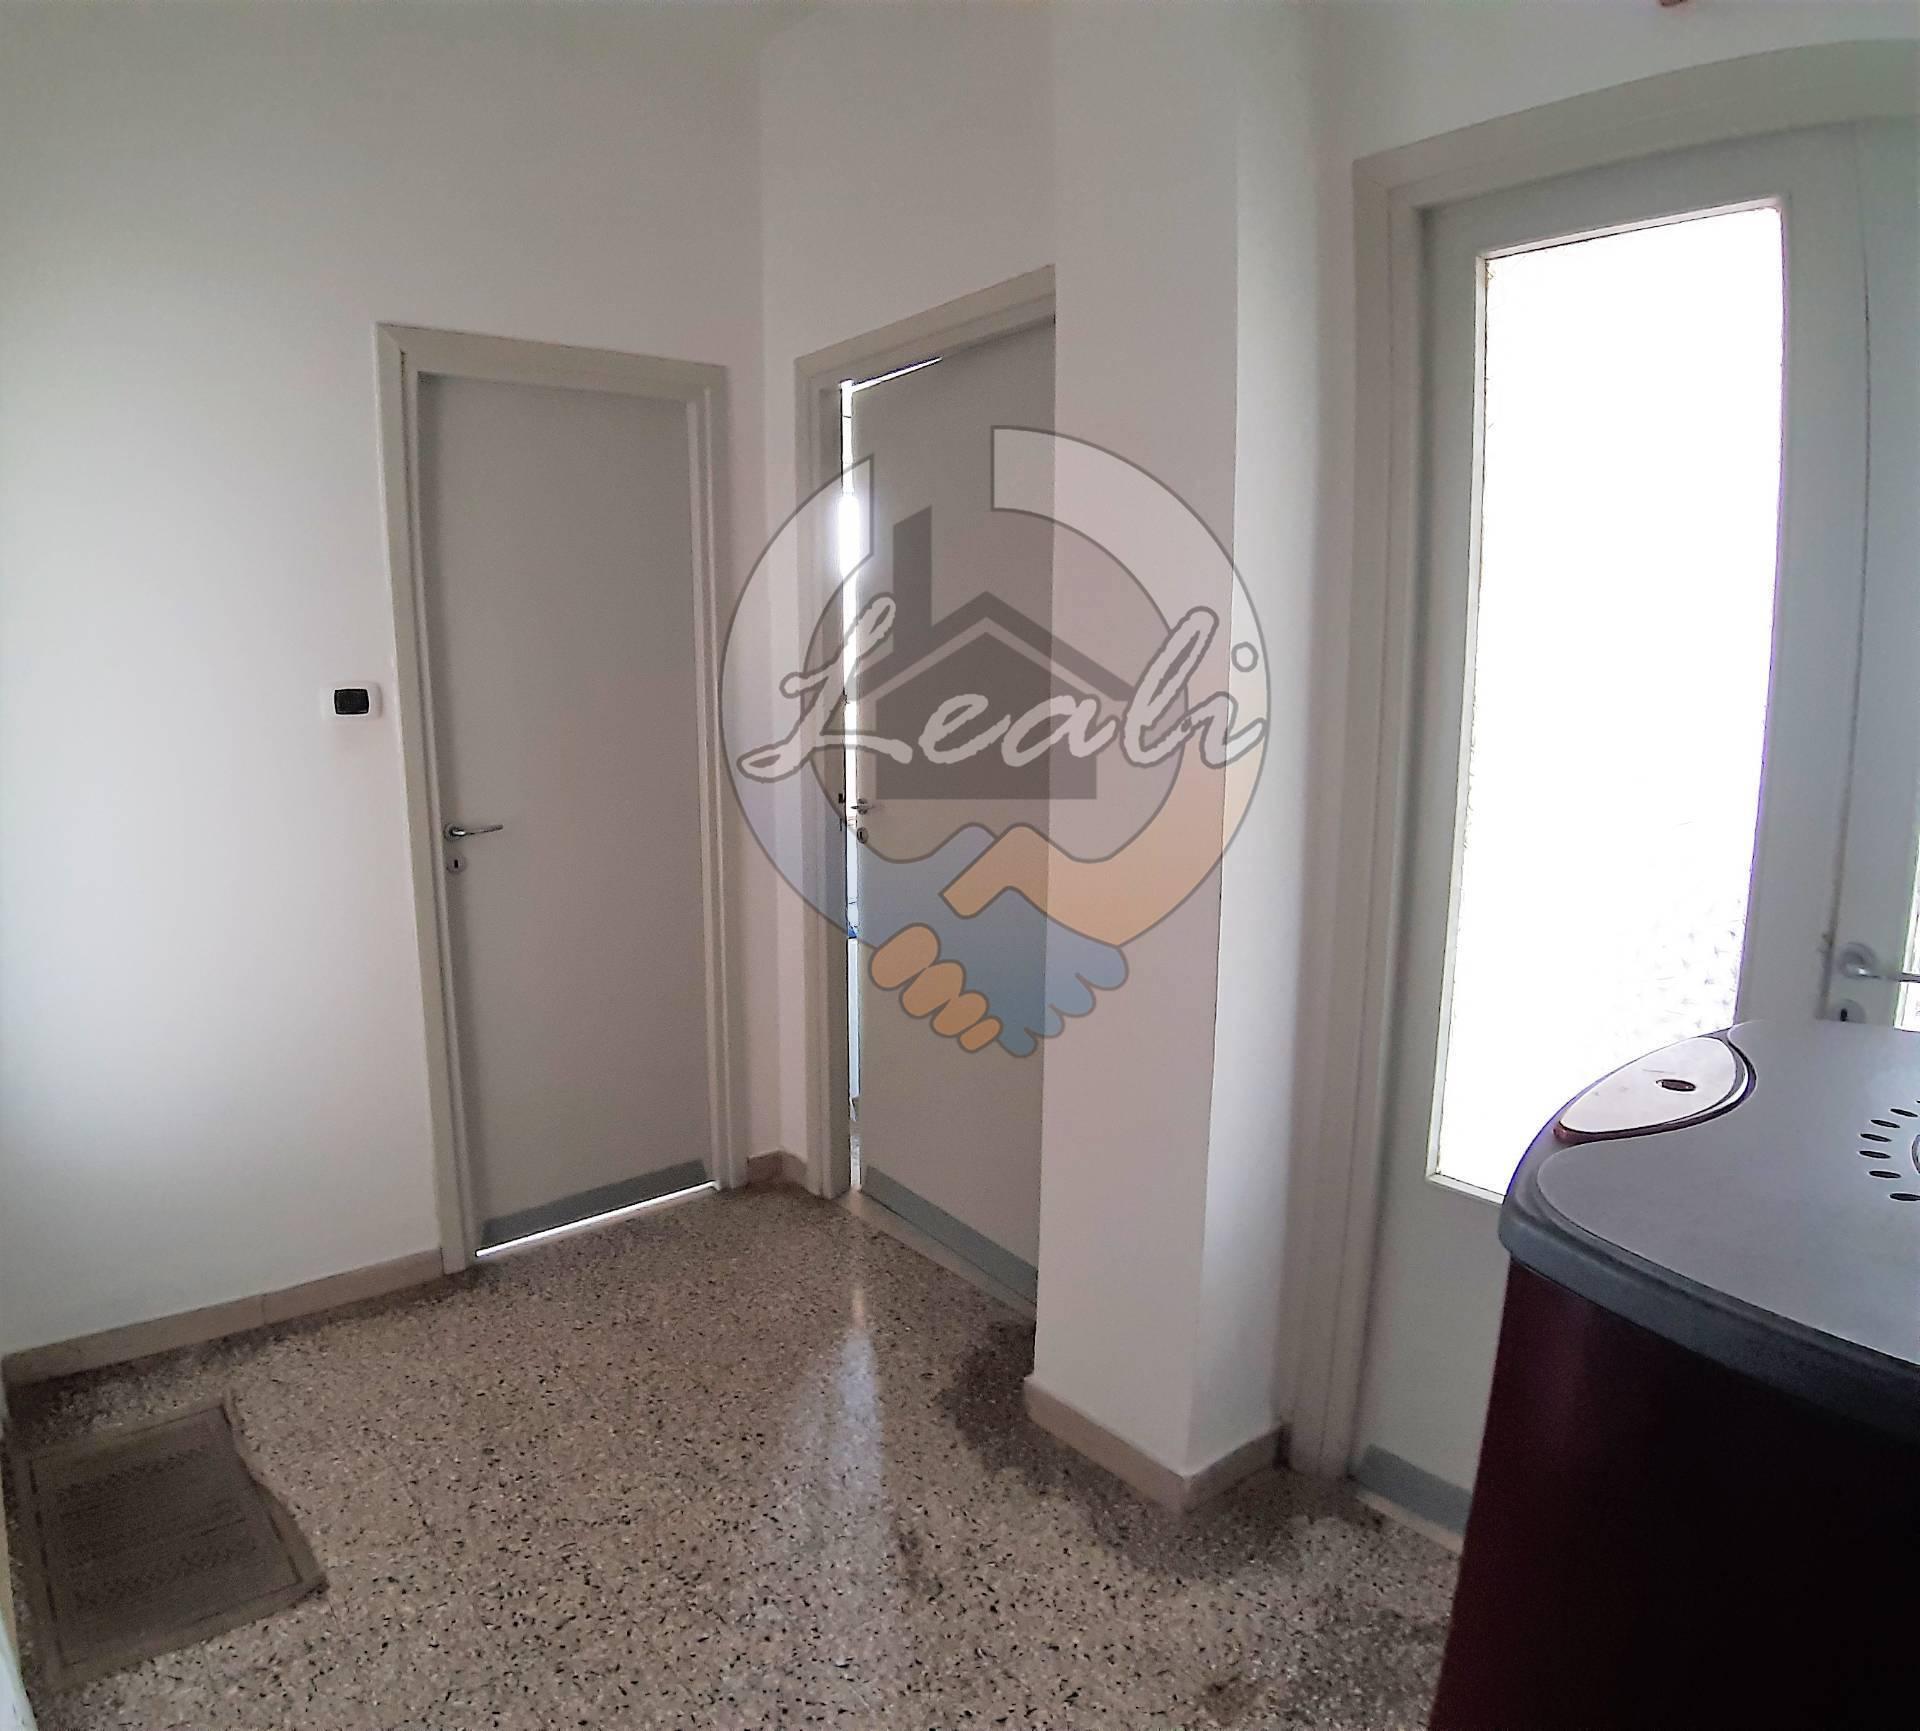 Appartamento in vendita a Tolentino, 4 locali, prezzo € 49.000 | CambioCasa.it